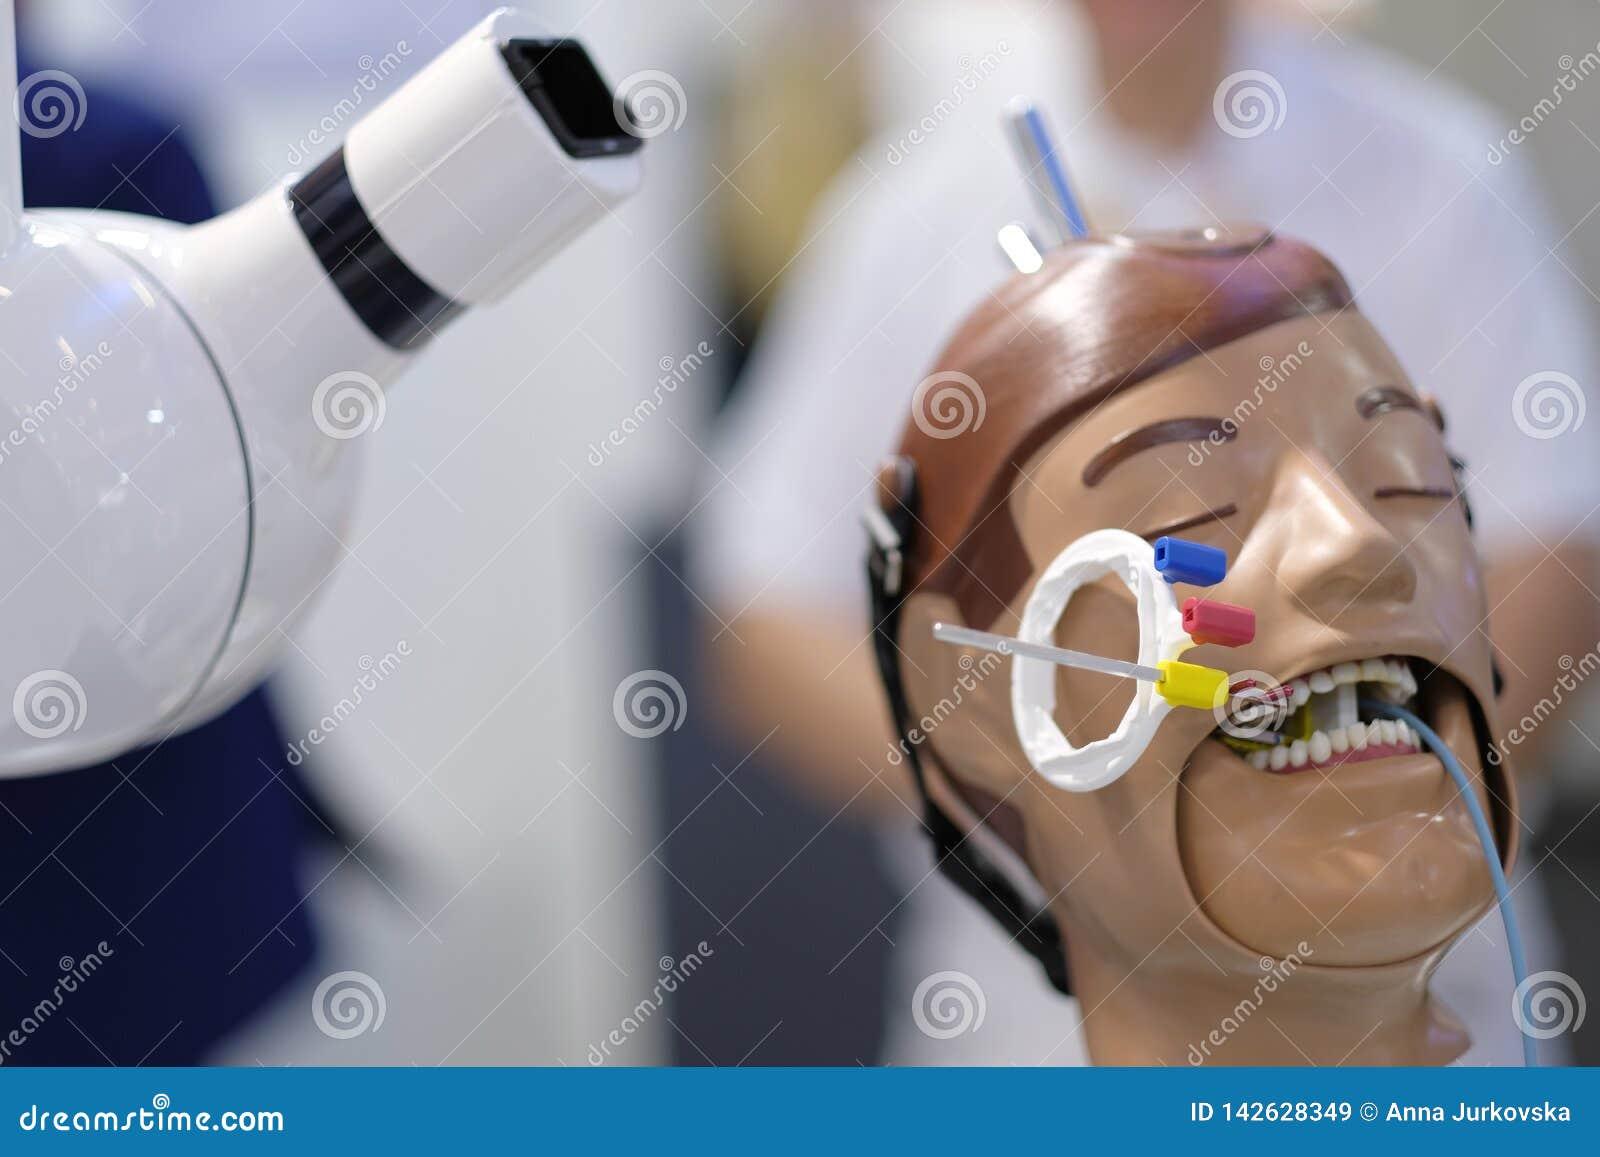 Opleiding in het werken met x-ray apparaten